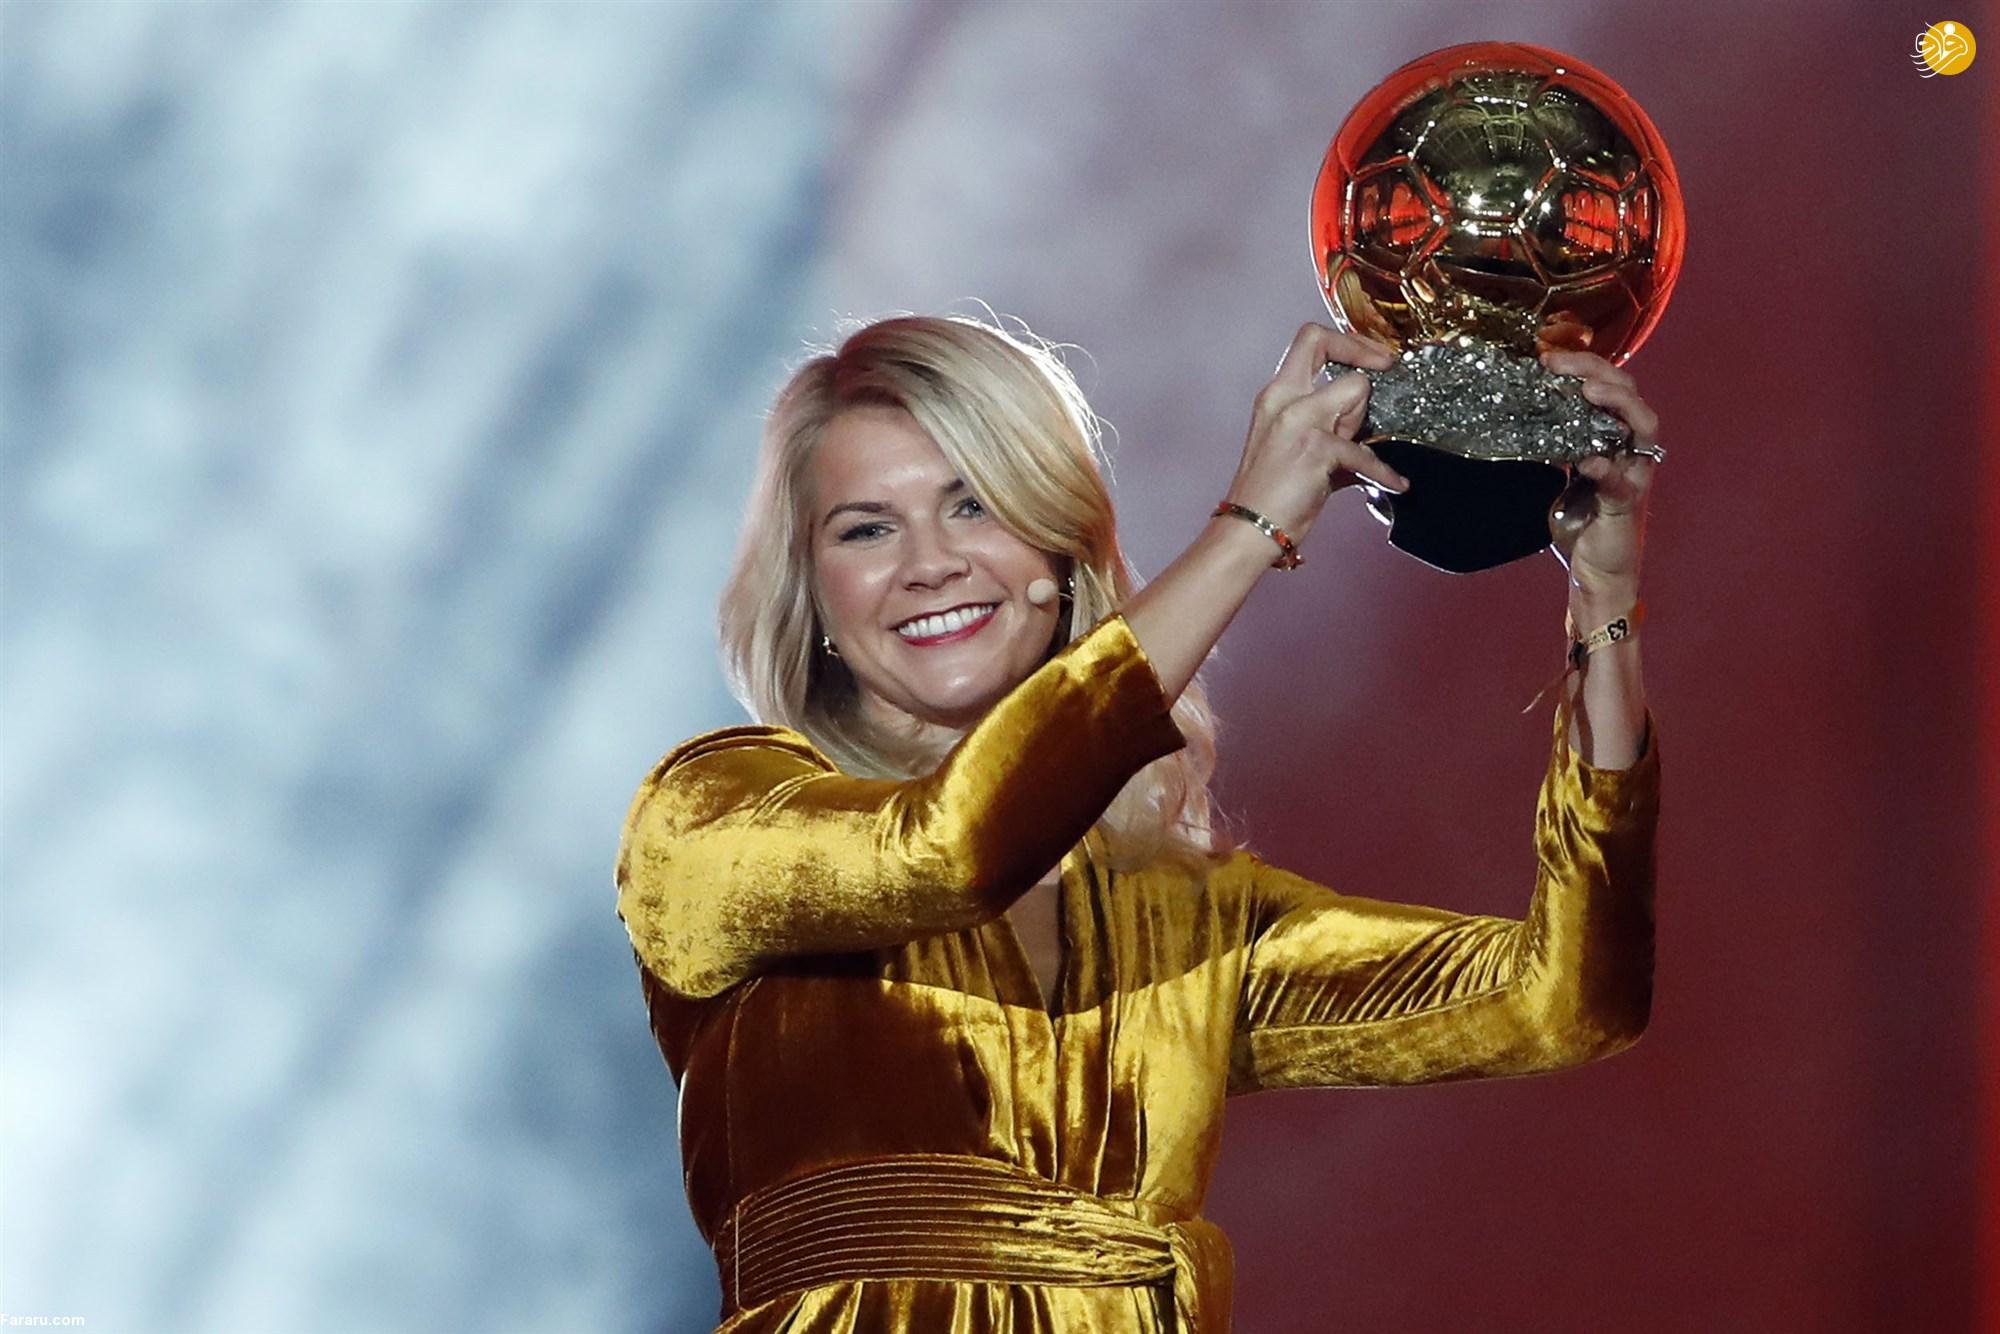 (تصویر) درخواست بیشرمانه از بهترین بازیکن زن جهان!